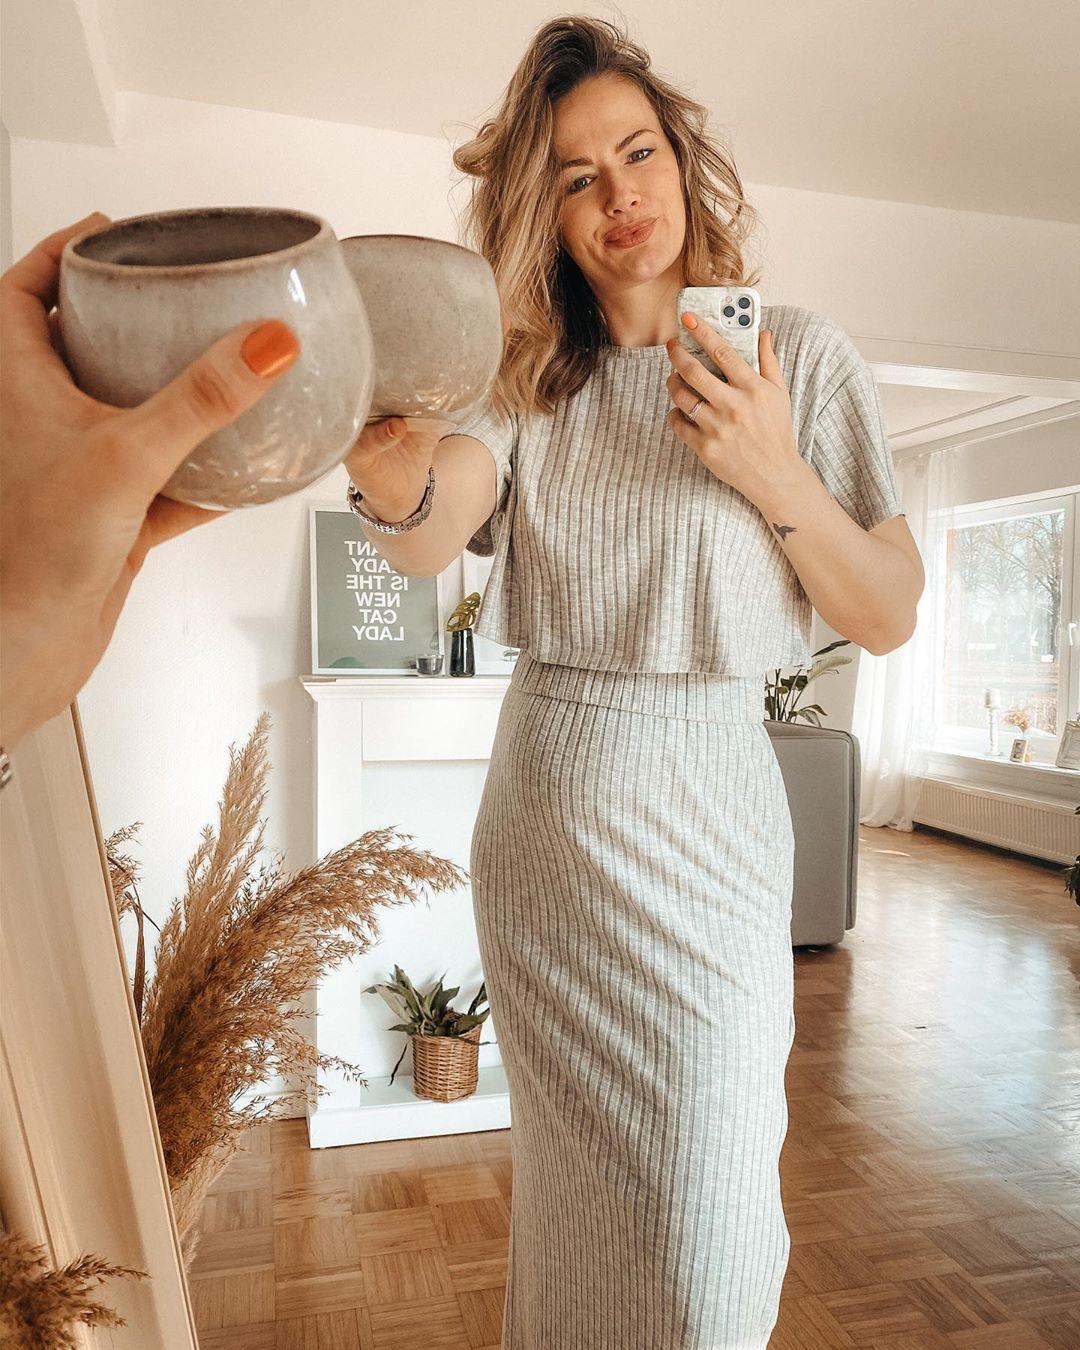 Már látványra is kényelmes lehet egy ilyen bordázott anyagú, pamut ruha. (Fotó: Instagram/_bellabecca_)